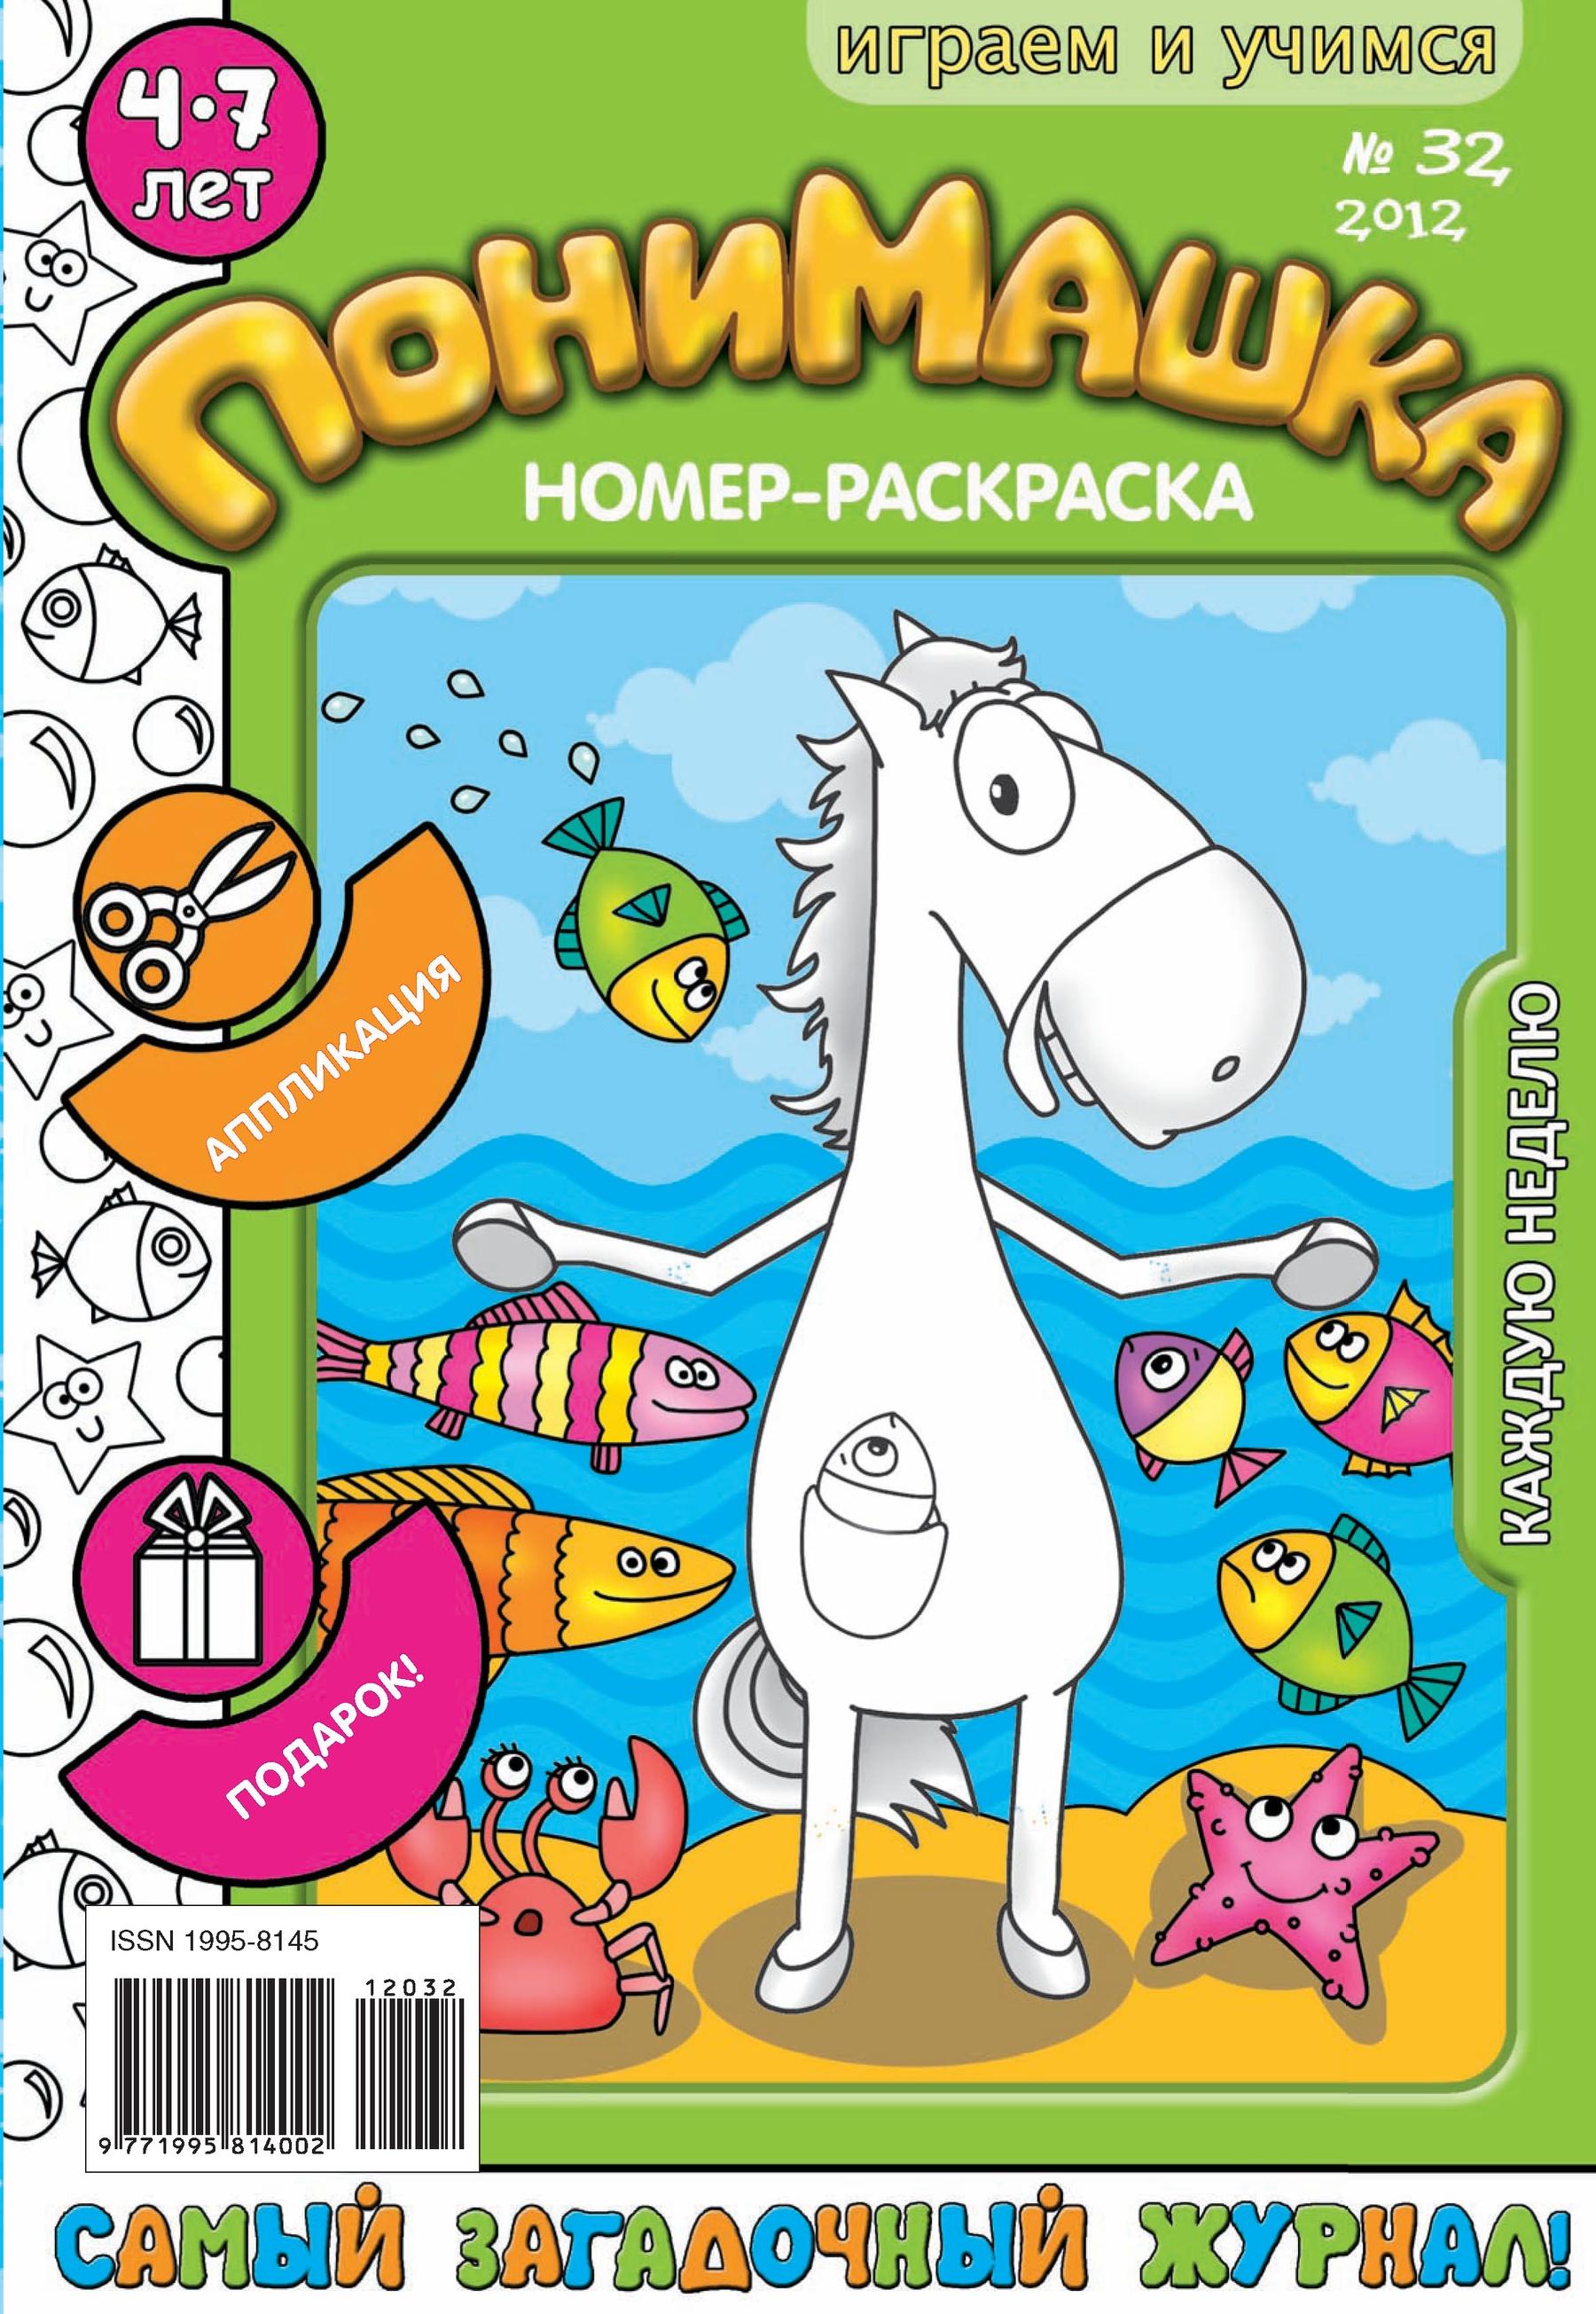 Открытые системы ПониМашка. Развлекательно-развивающий журнал. №32 (август) 2012